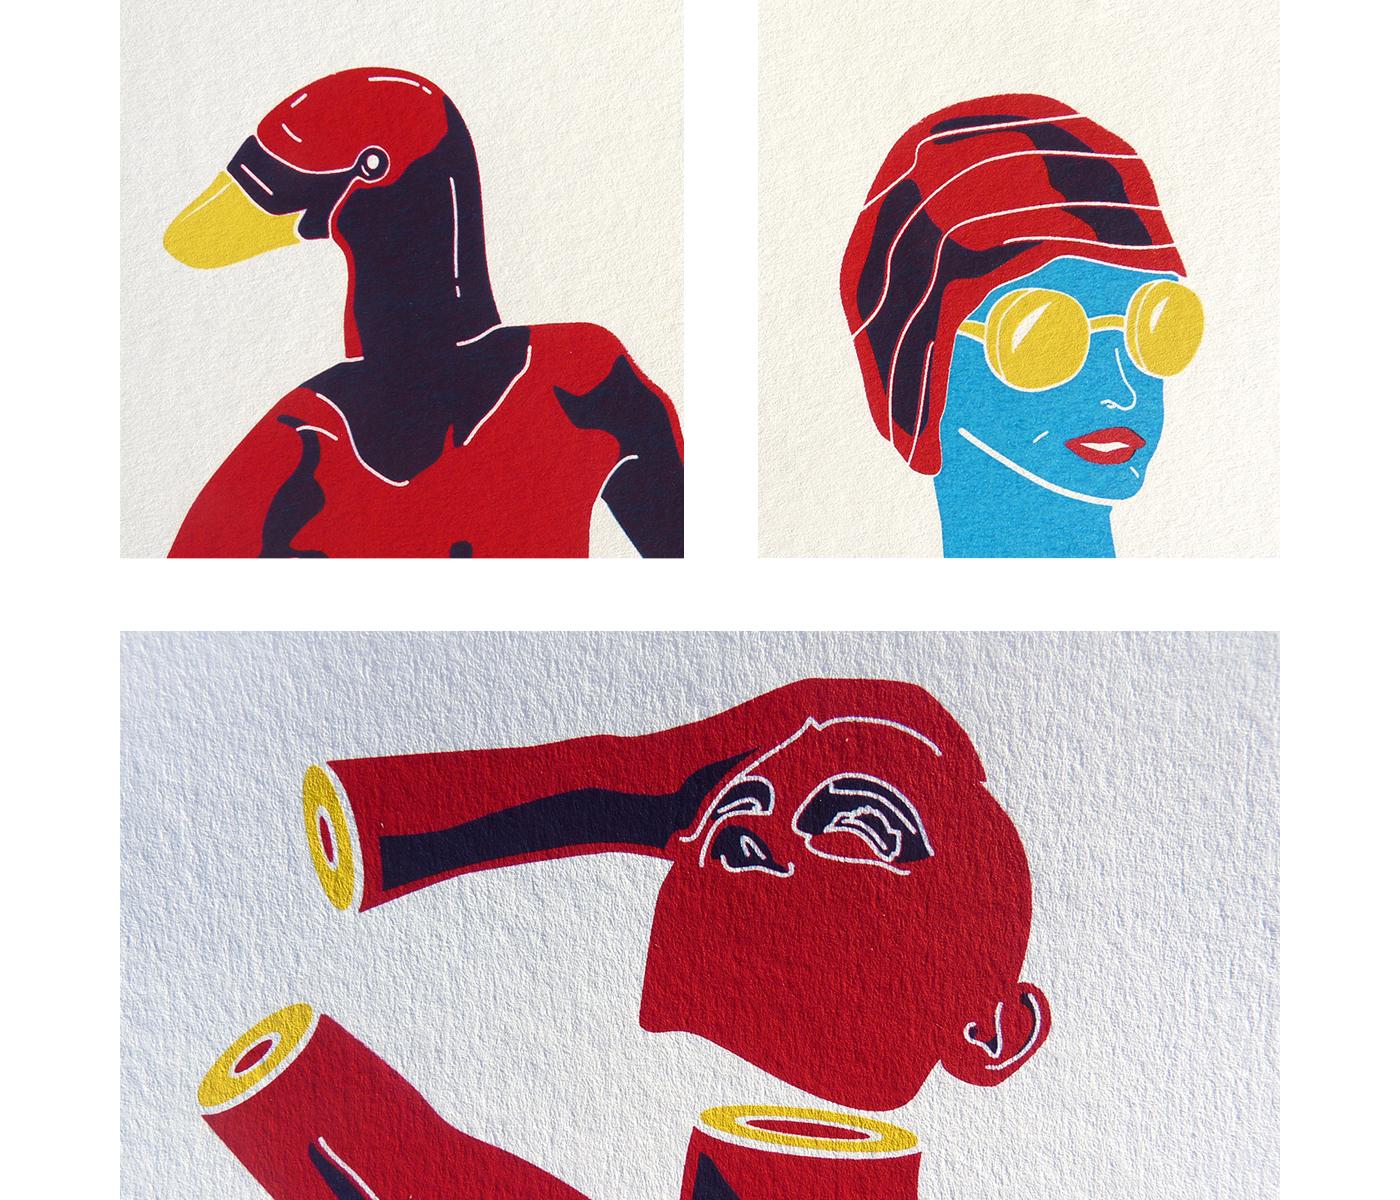 Détails des affichettes sérigraphiées de la collection Trempette de sable. Duckface, statue, Vénus, baigneuse avec lunettes et bonnet de bain.